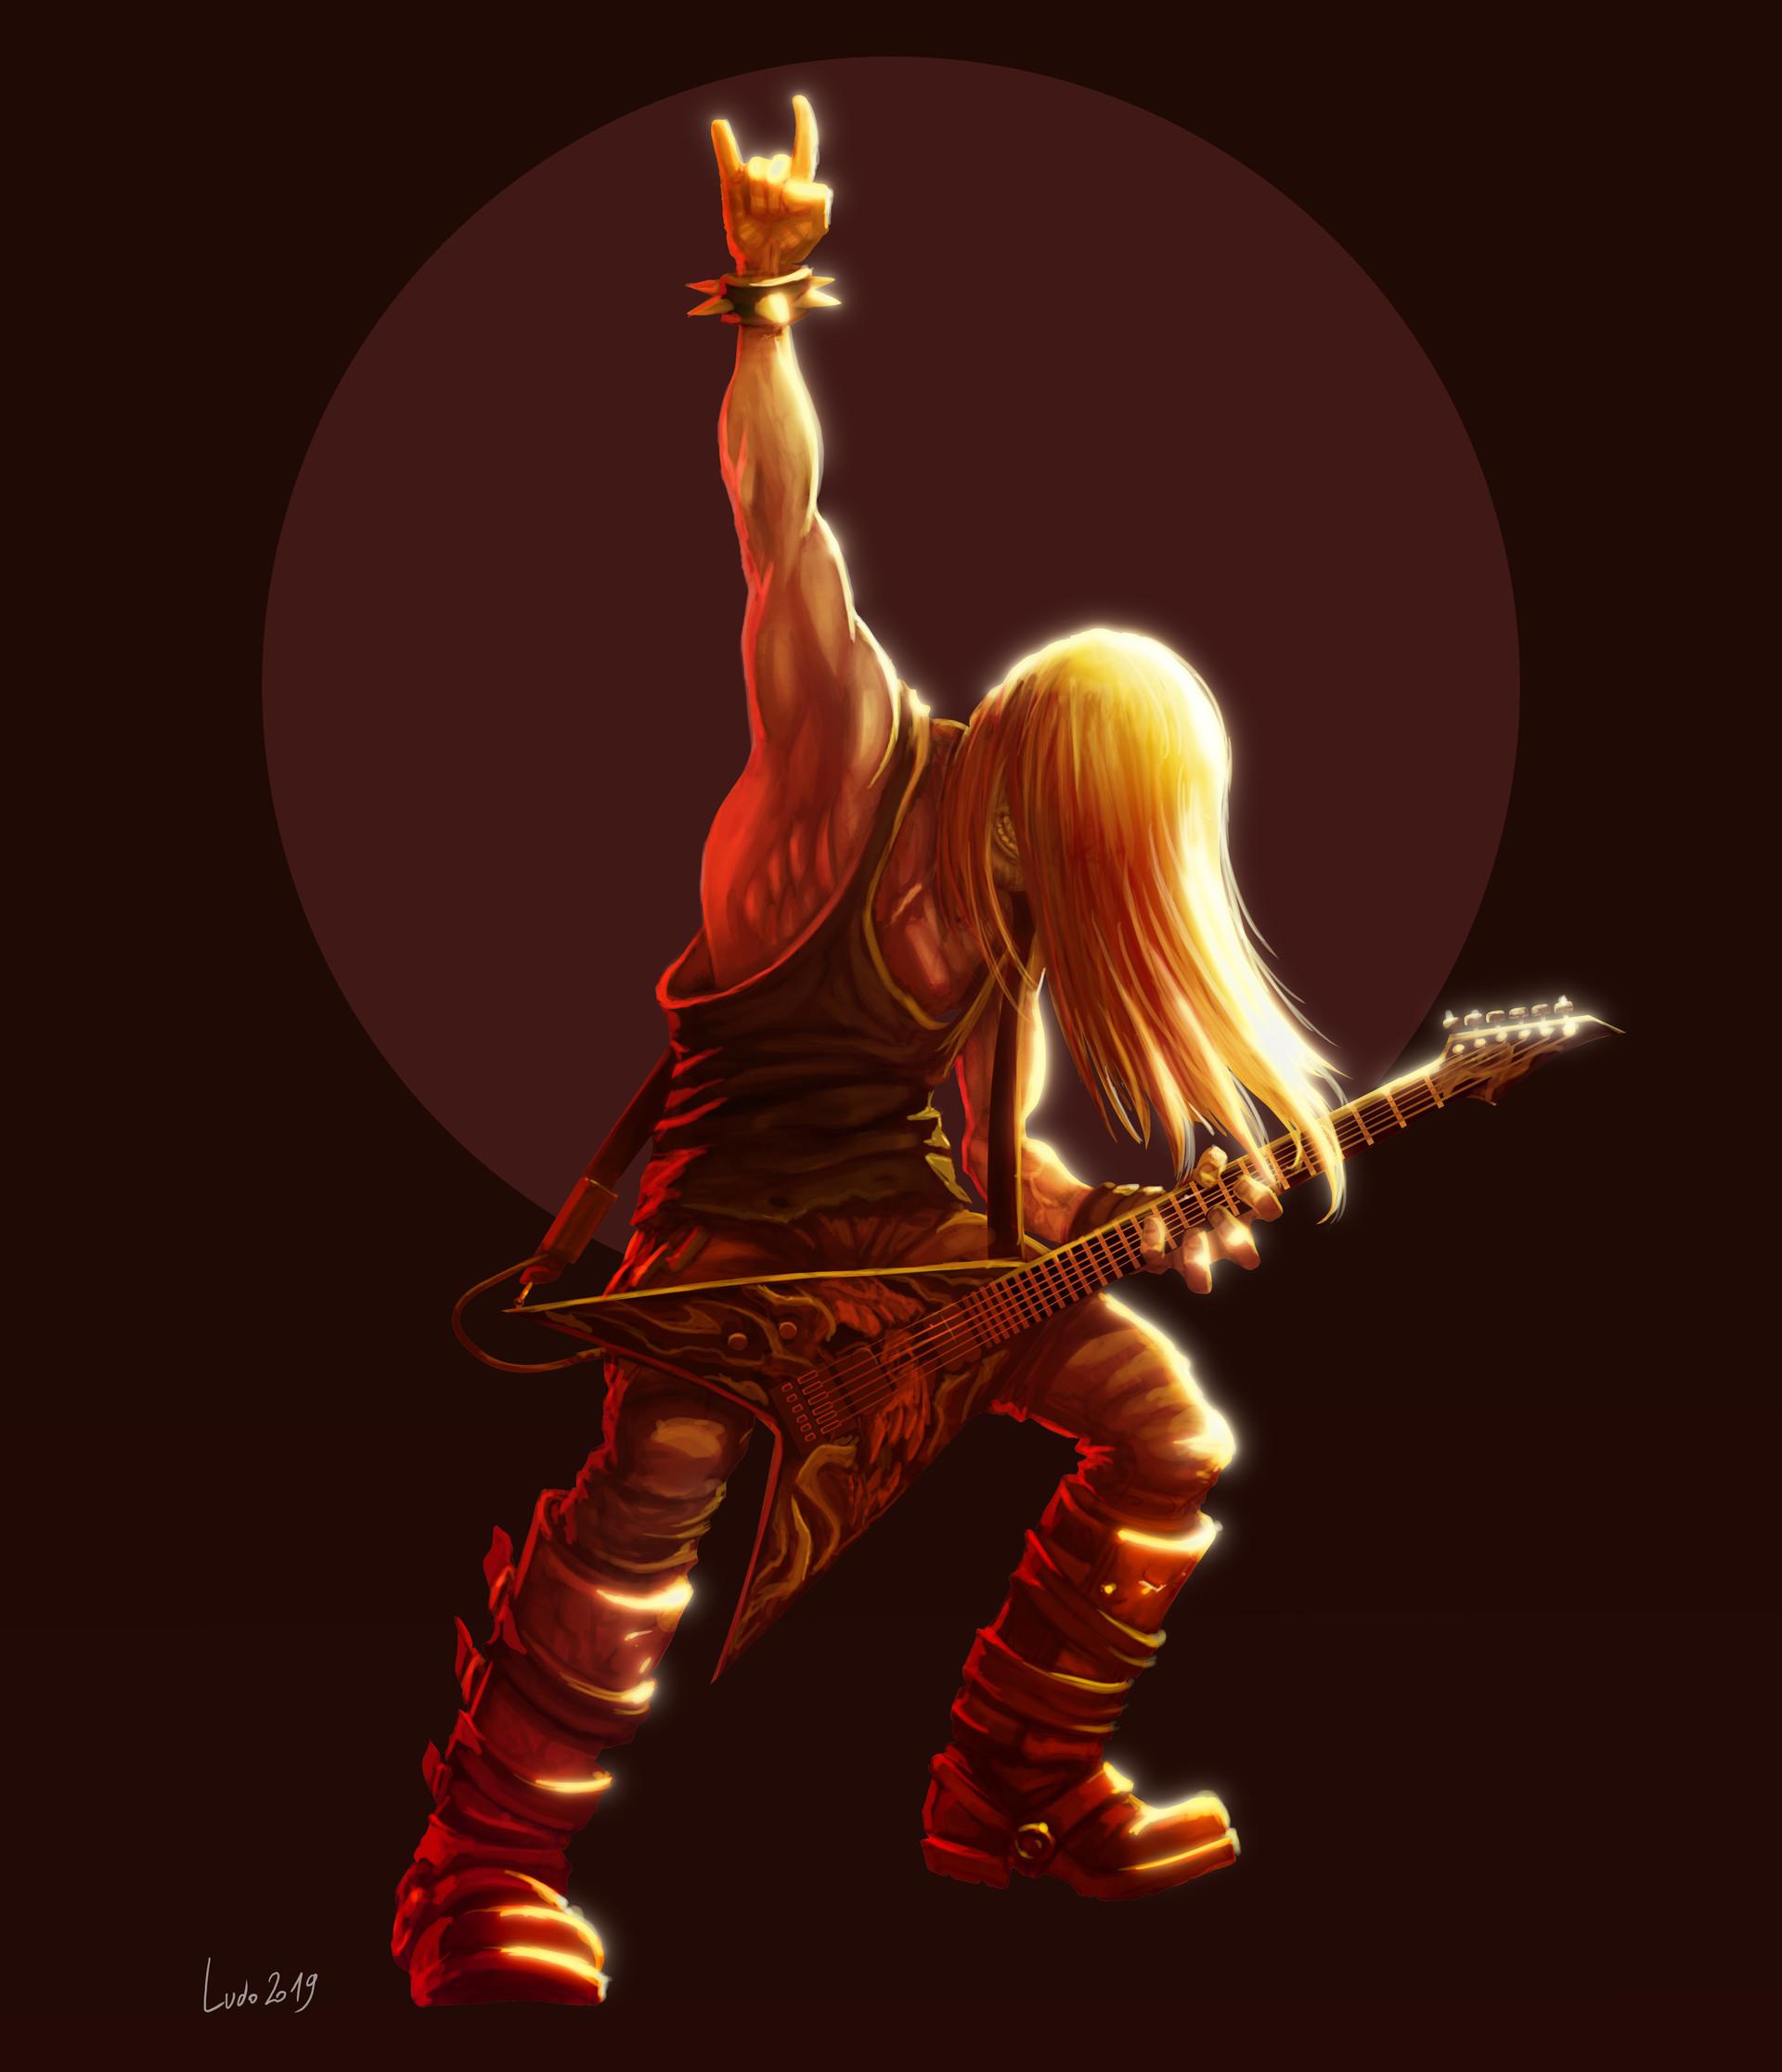 Ludovic rivalland metal